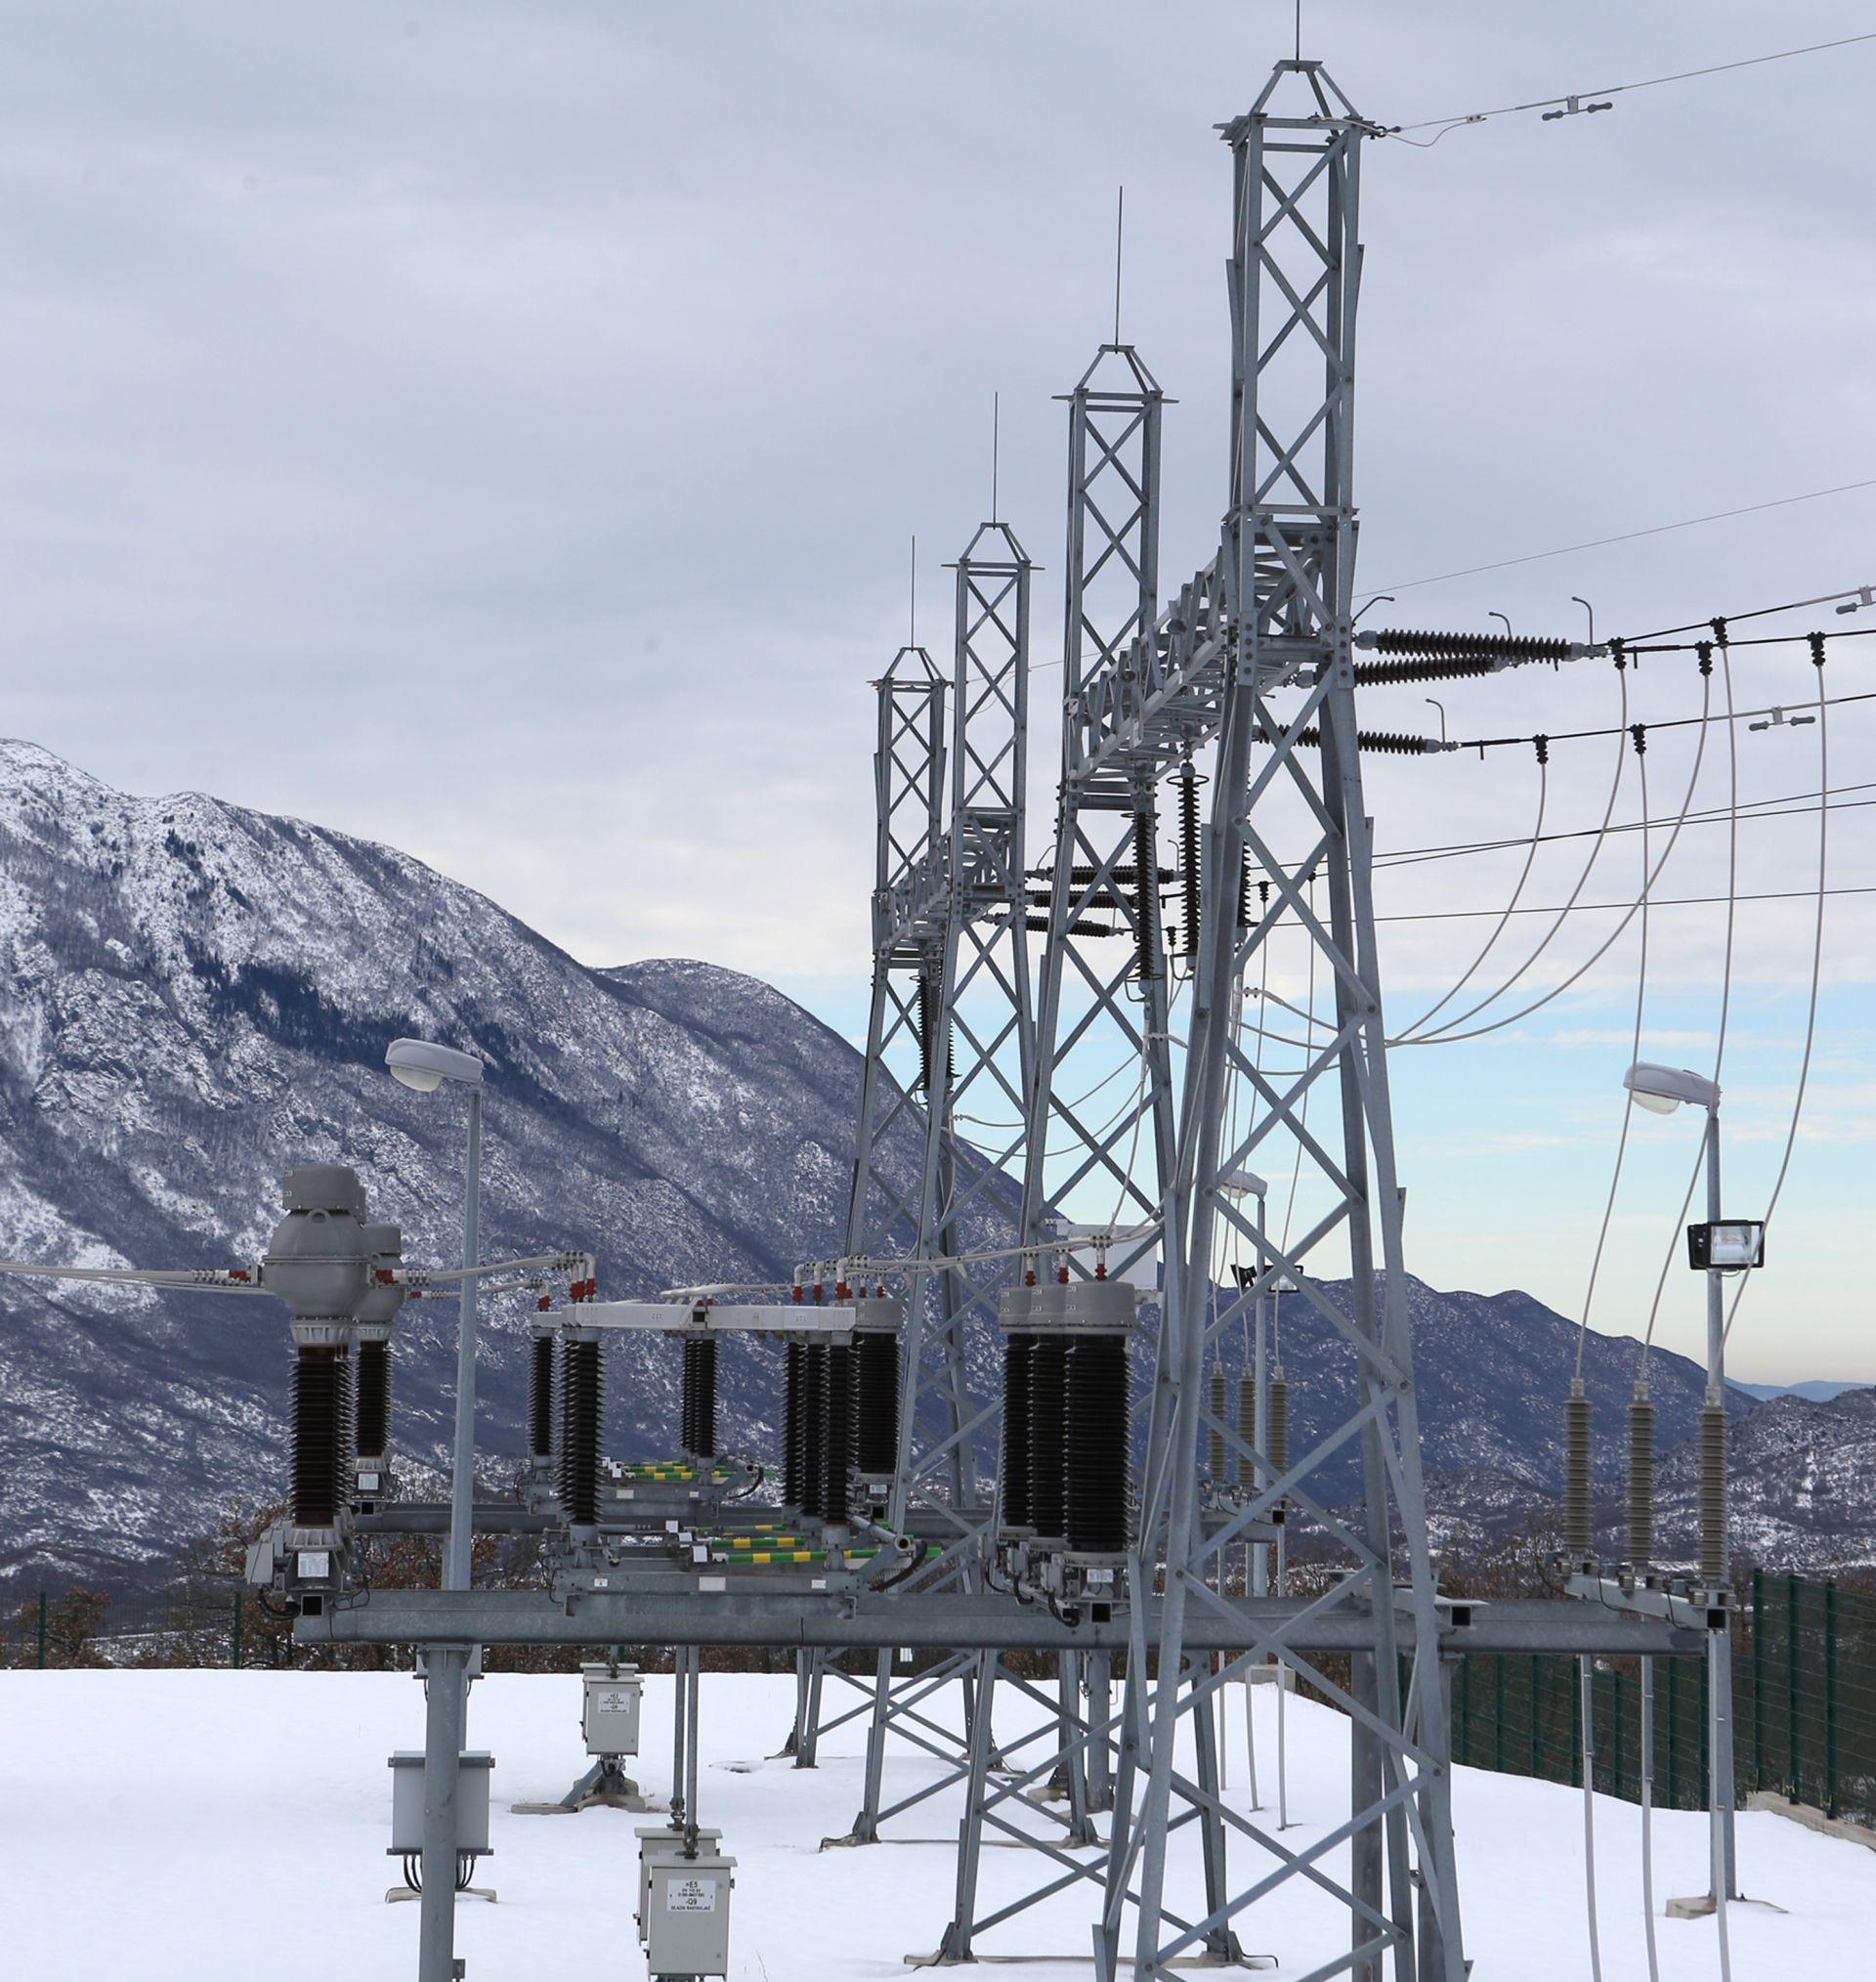 POPRAVAK U TIJEKU: Snježno nevrijeme prekinulo opskrbu strujom u široj okolici Siska i Velike Gorice